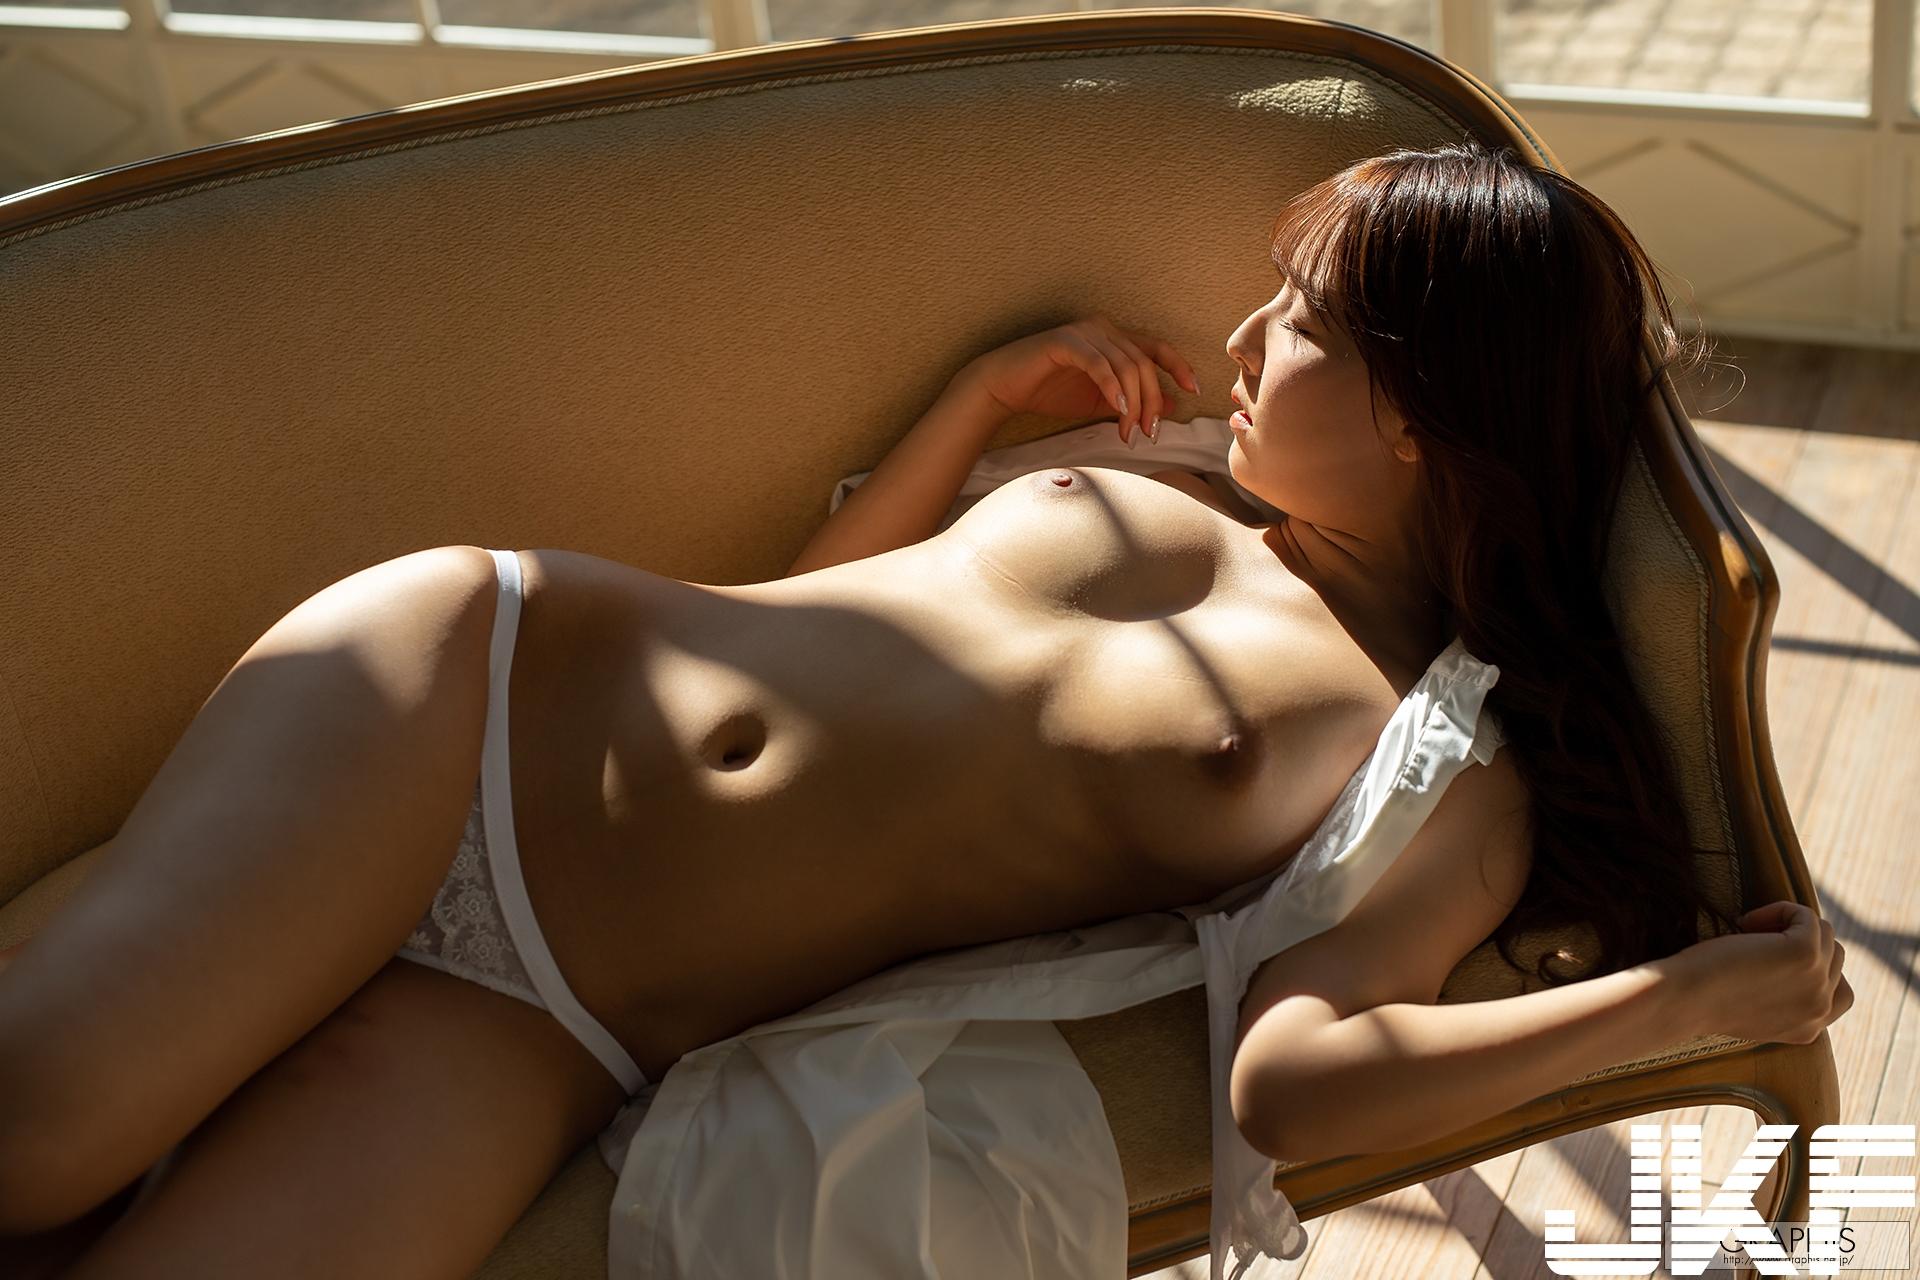 gra_yua-m3020.jpg